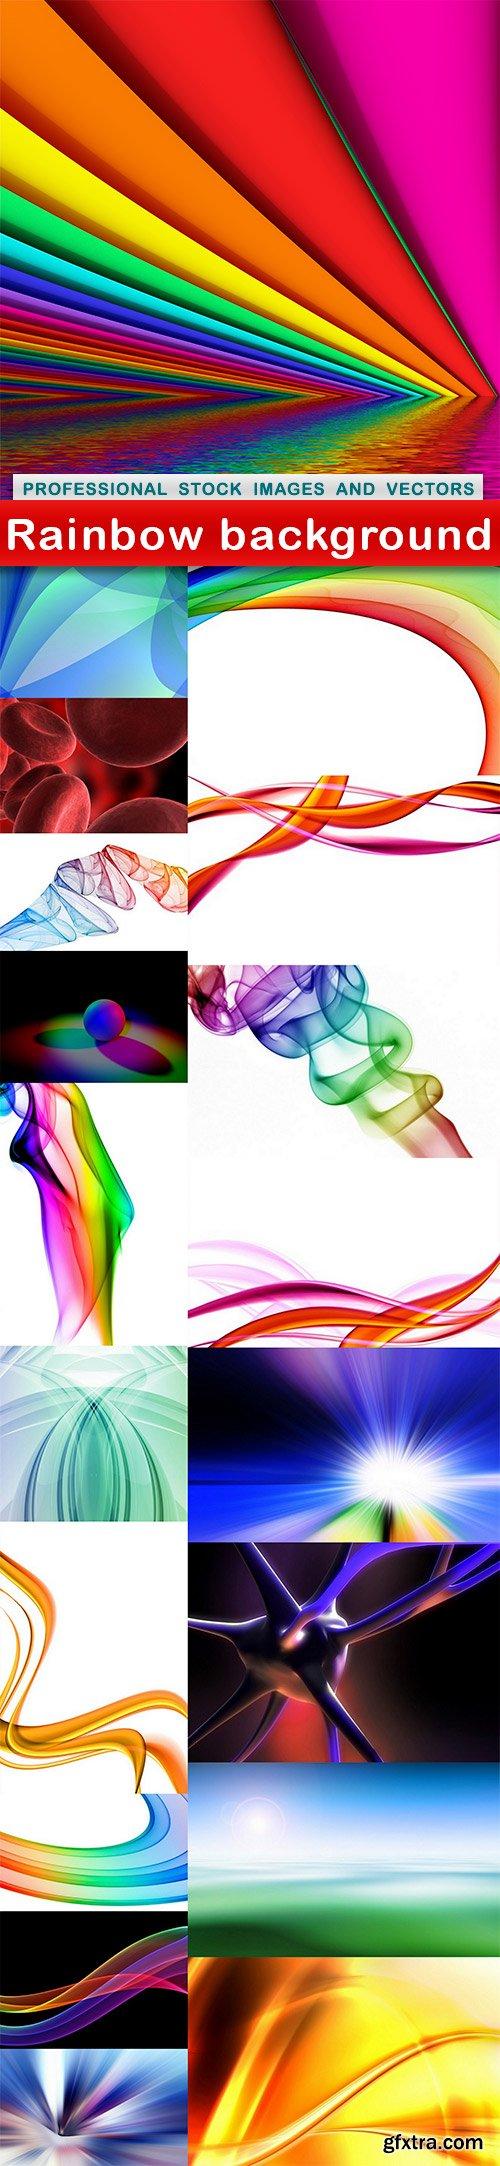 Rainbow background - 19 UHQ JPEG